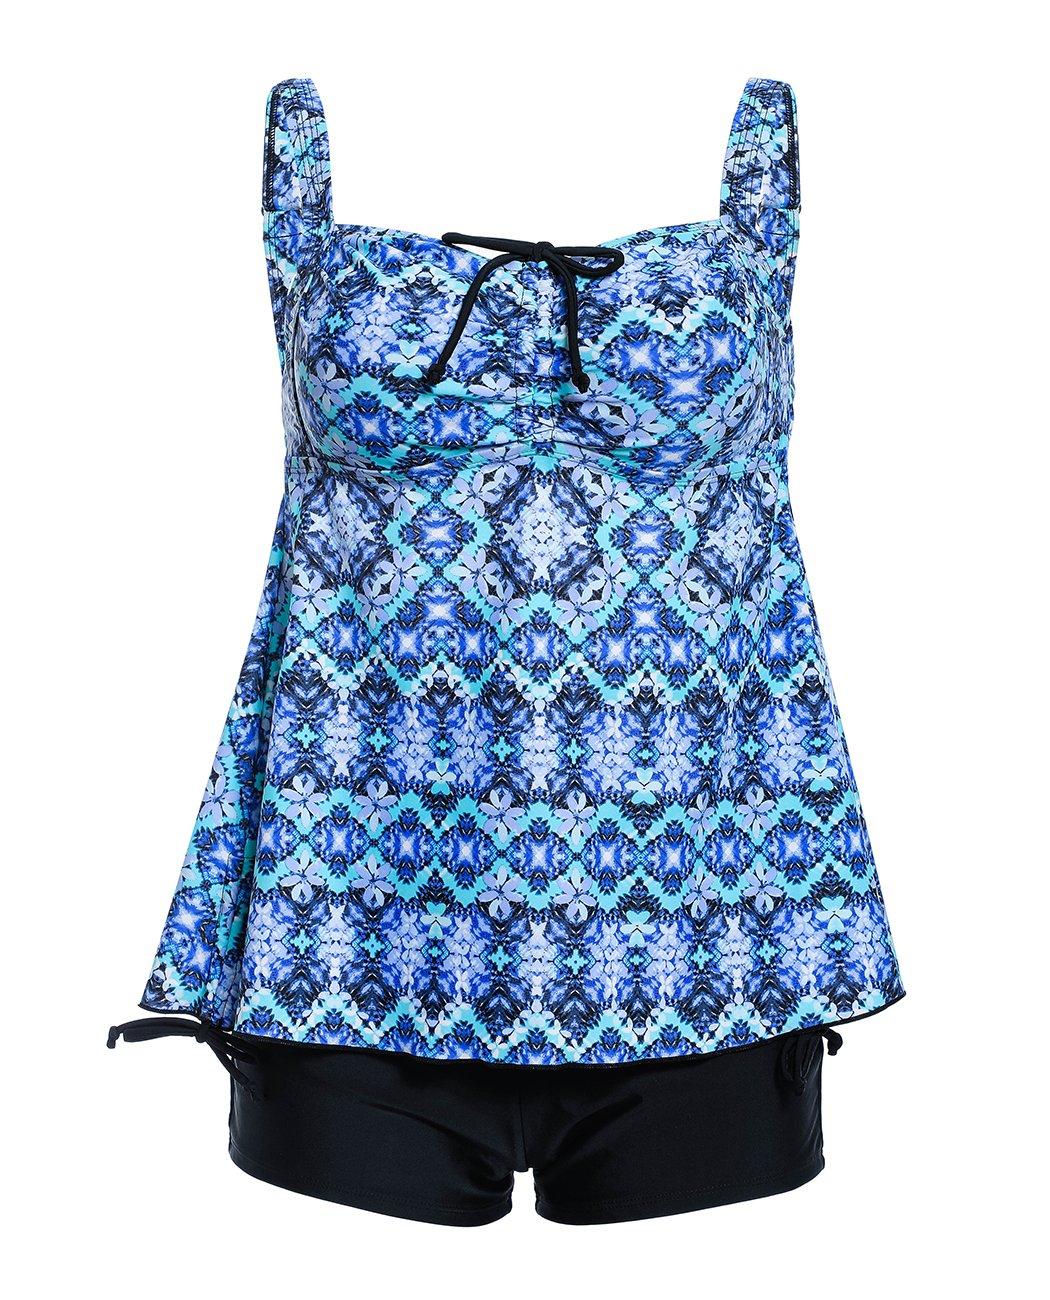 iDrawl Damen Tankini Set Große Größen Zweiteiliger Bauchweg Push up Badekleid mit Badehose